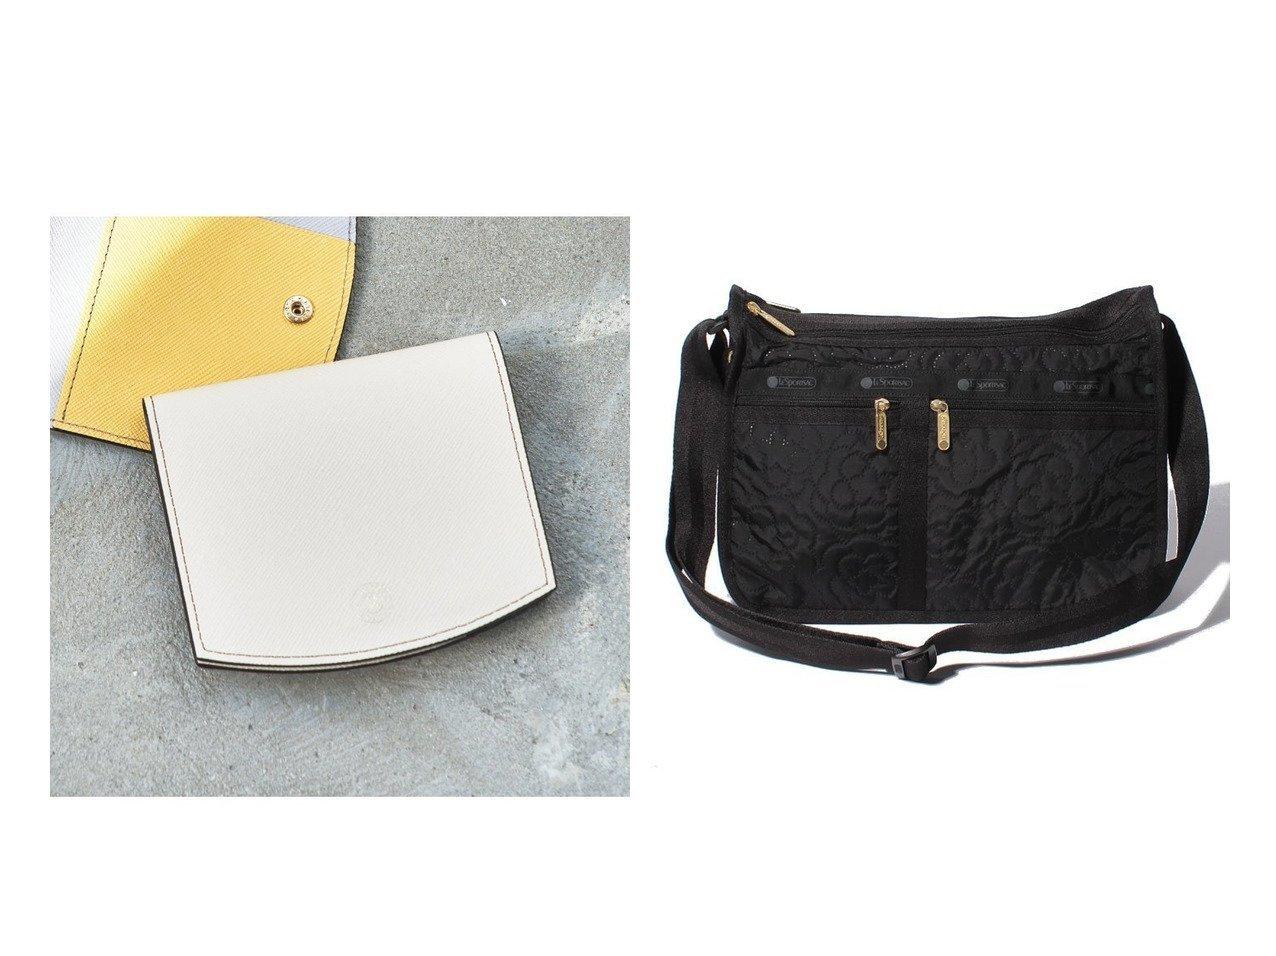 【LeSportsac/レスポートサック】のDELUXE EVERYDAY BAG パフィーブロッサムズ&【russet/ラシット】のバイカラーレザー折り財布(SO-320) おすすめ!人気、トレンド・レディースファッションの通販 おすすめで人気の流行・トレンド、ファッションの通販商品 インテリア・家具・メンズファッション・キッズファッション・レディースファッション・服の通販 founy(ファニー) https://founy.com/ ファッション Fashion レディースファッション WOMEN 財布 Wallets おすすめ Recommend イエロー コイン ポケット 日本製 Made in Japan 財布 バランス モチーフ  ID:crp329100000055566